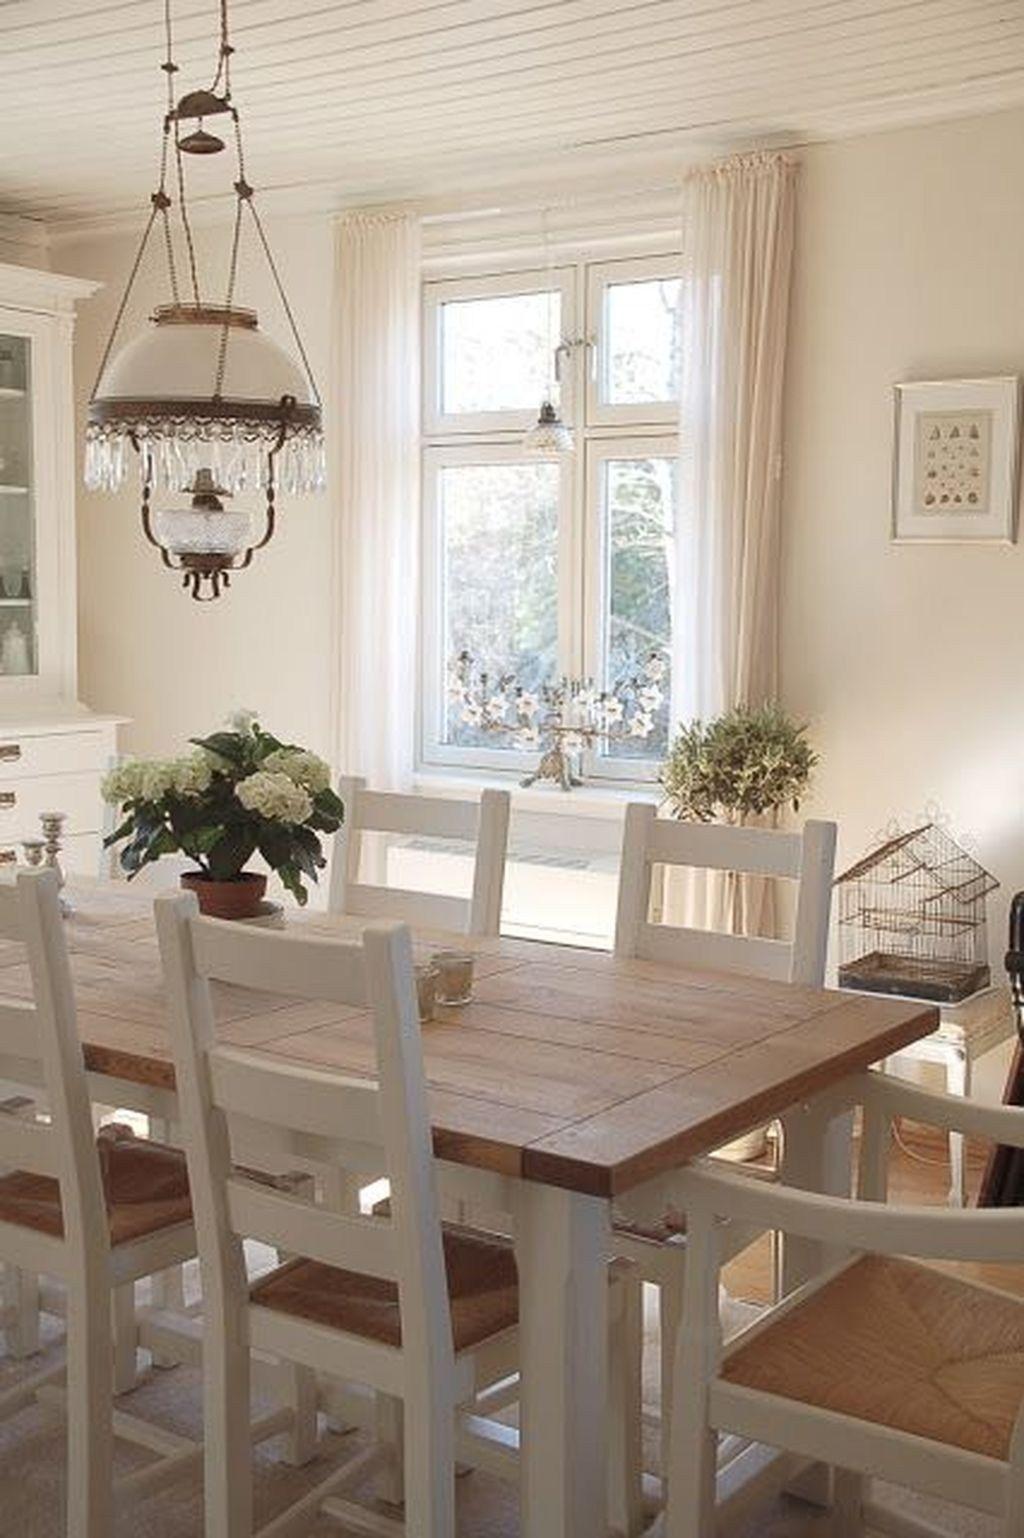 35 Wunderschone Bauernhaus Esszimmer Dekor Ideen Einfach Zu Verwalten In 2020 Mit Bildern Cottage Esszimmer Bauernhaus Esszimmer Esszimmer Tischdekoration